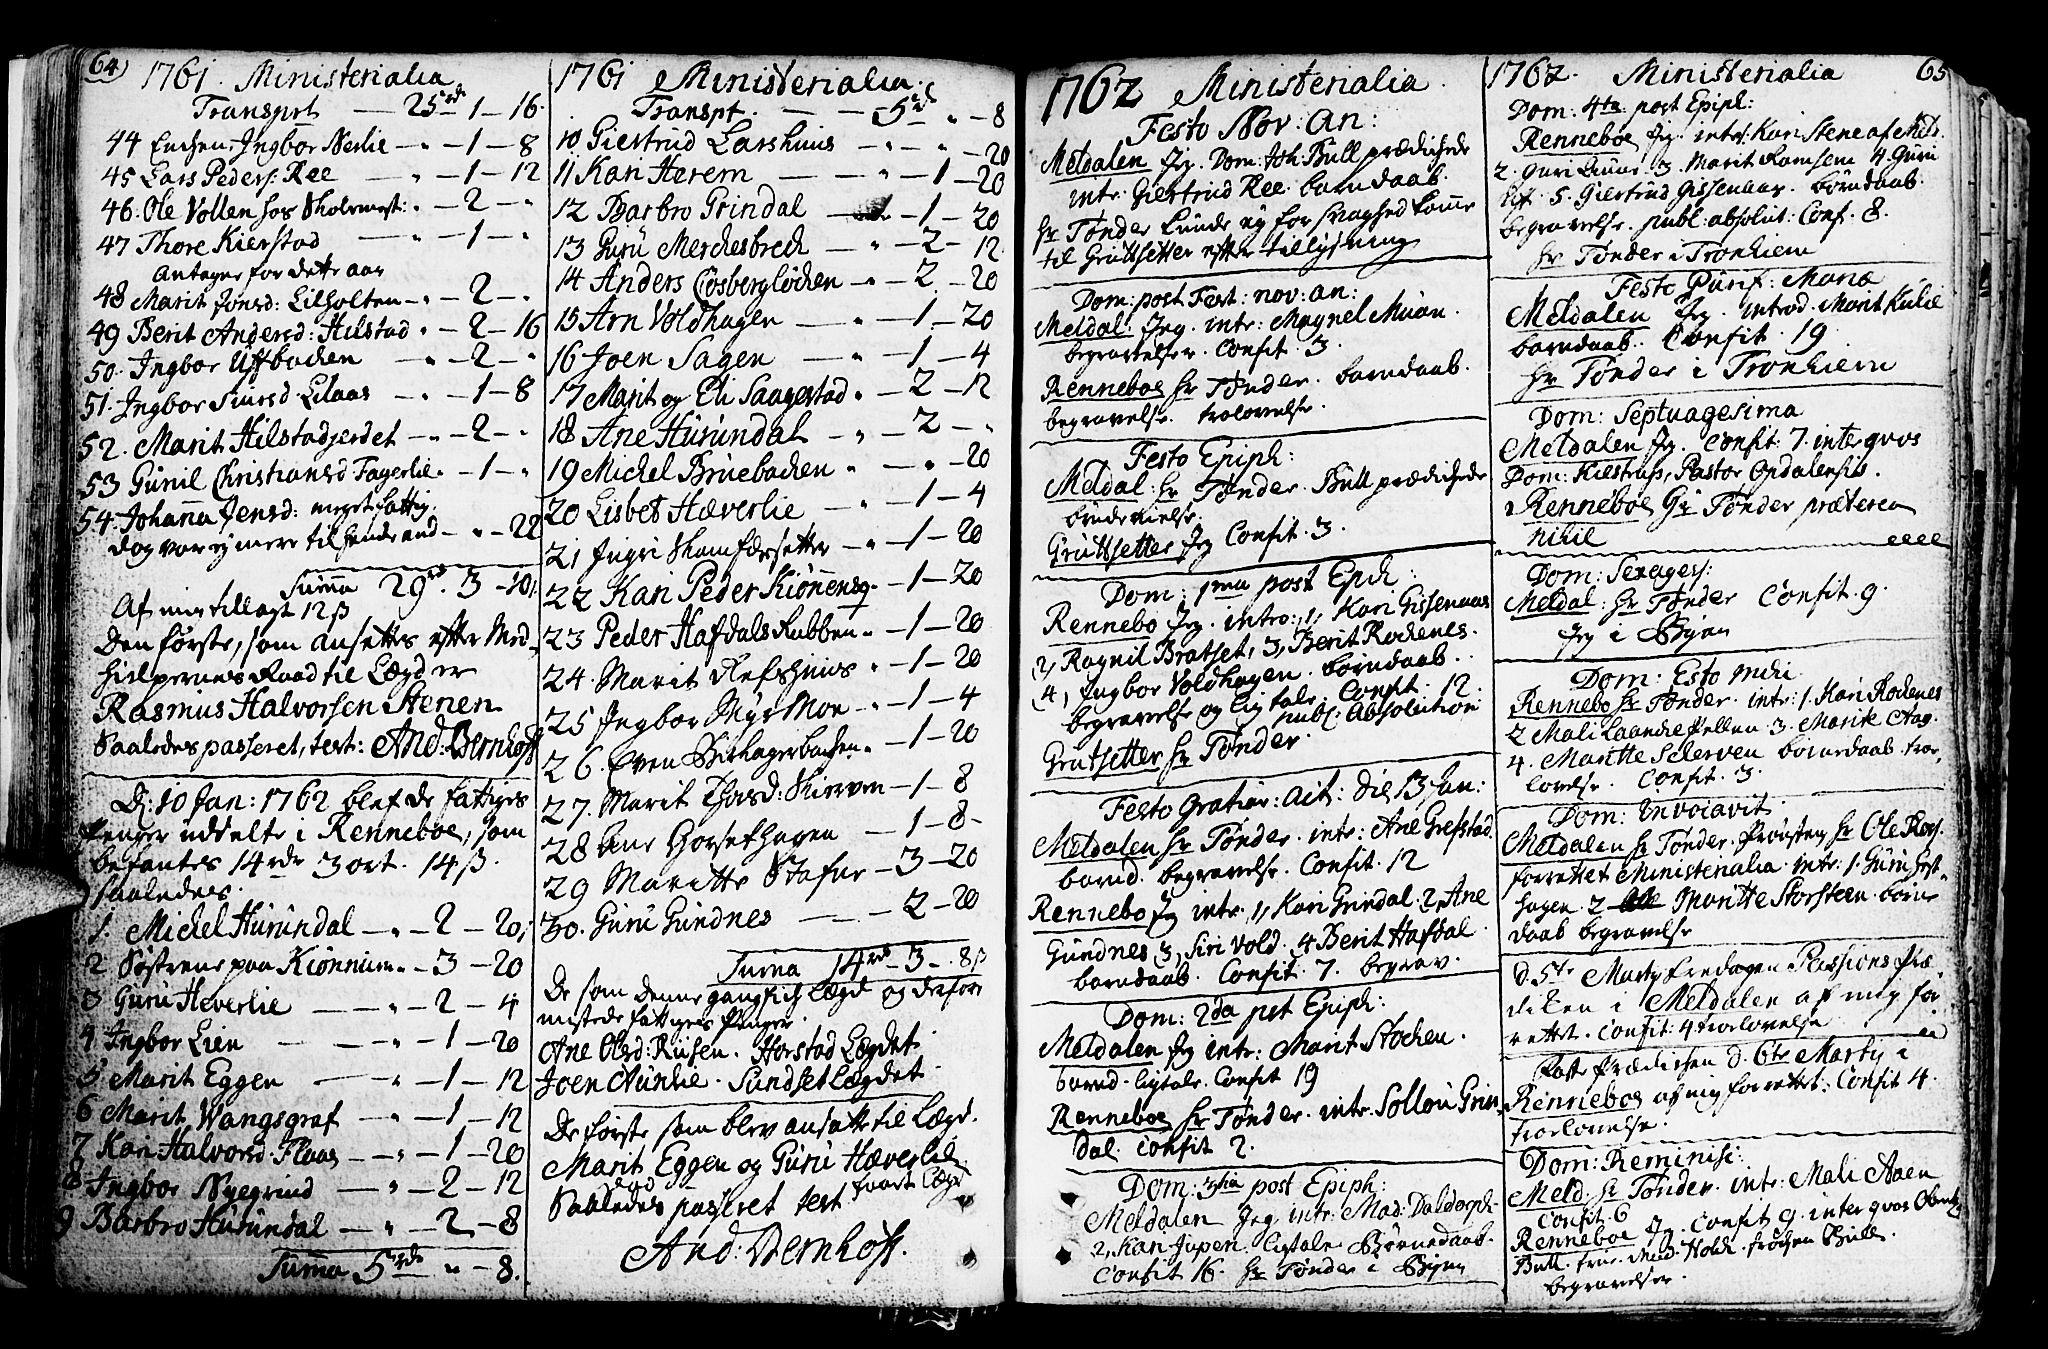 SAT, Ministerialprotokoller, klokkerbøker og fødselsregistre - Sør-Trøndelag, 672/L0851: Ministerialbok nr. 672A04, 1751-1775, s. 64-65